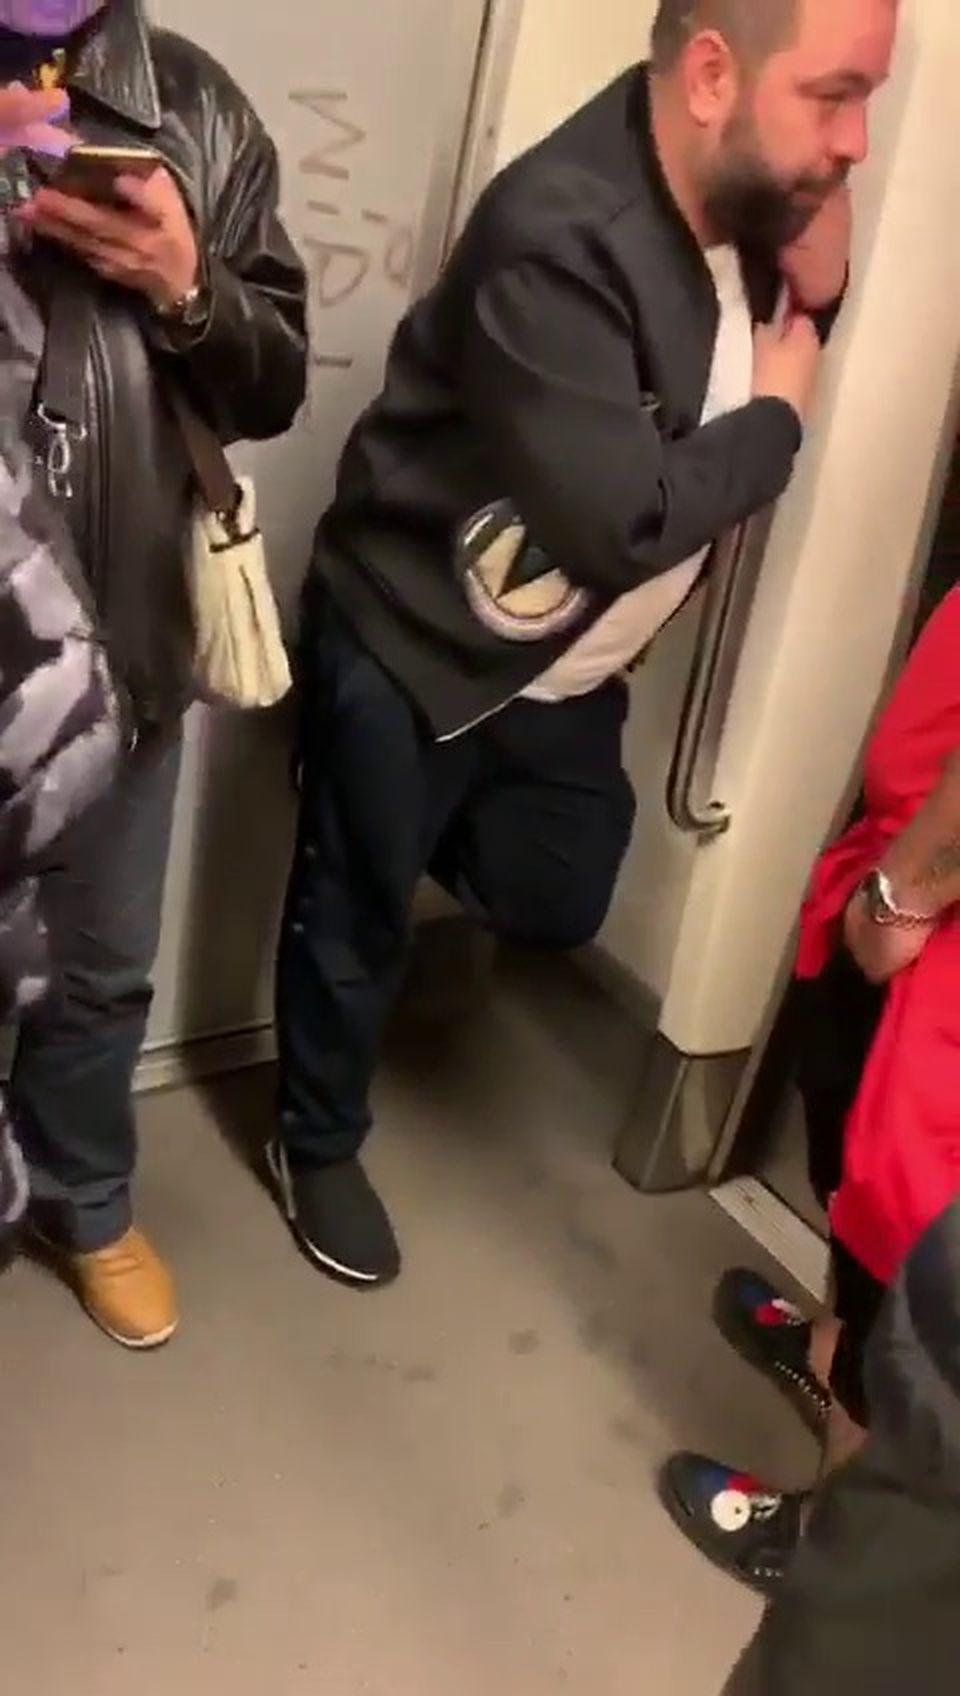 Primele declarații ale Roxanei Dobre despre imaginile halucinante cu Florin Salam la metrou: